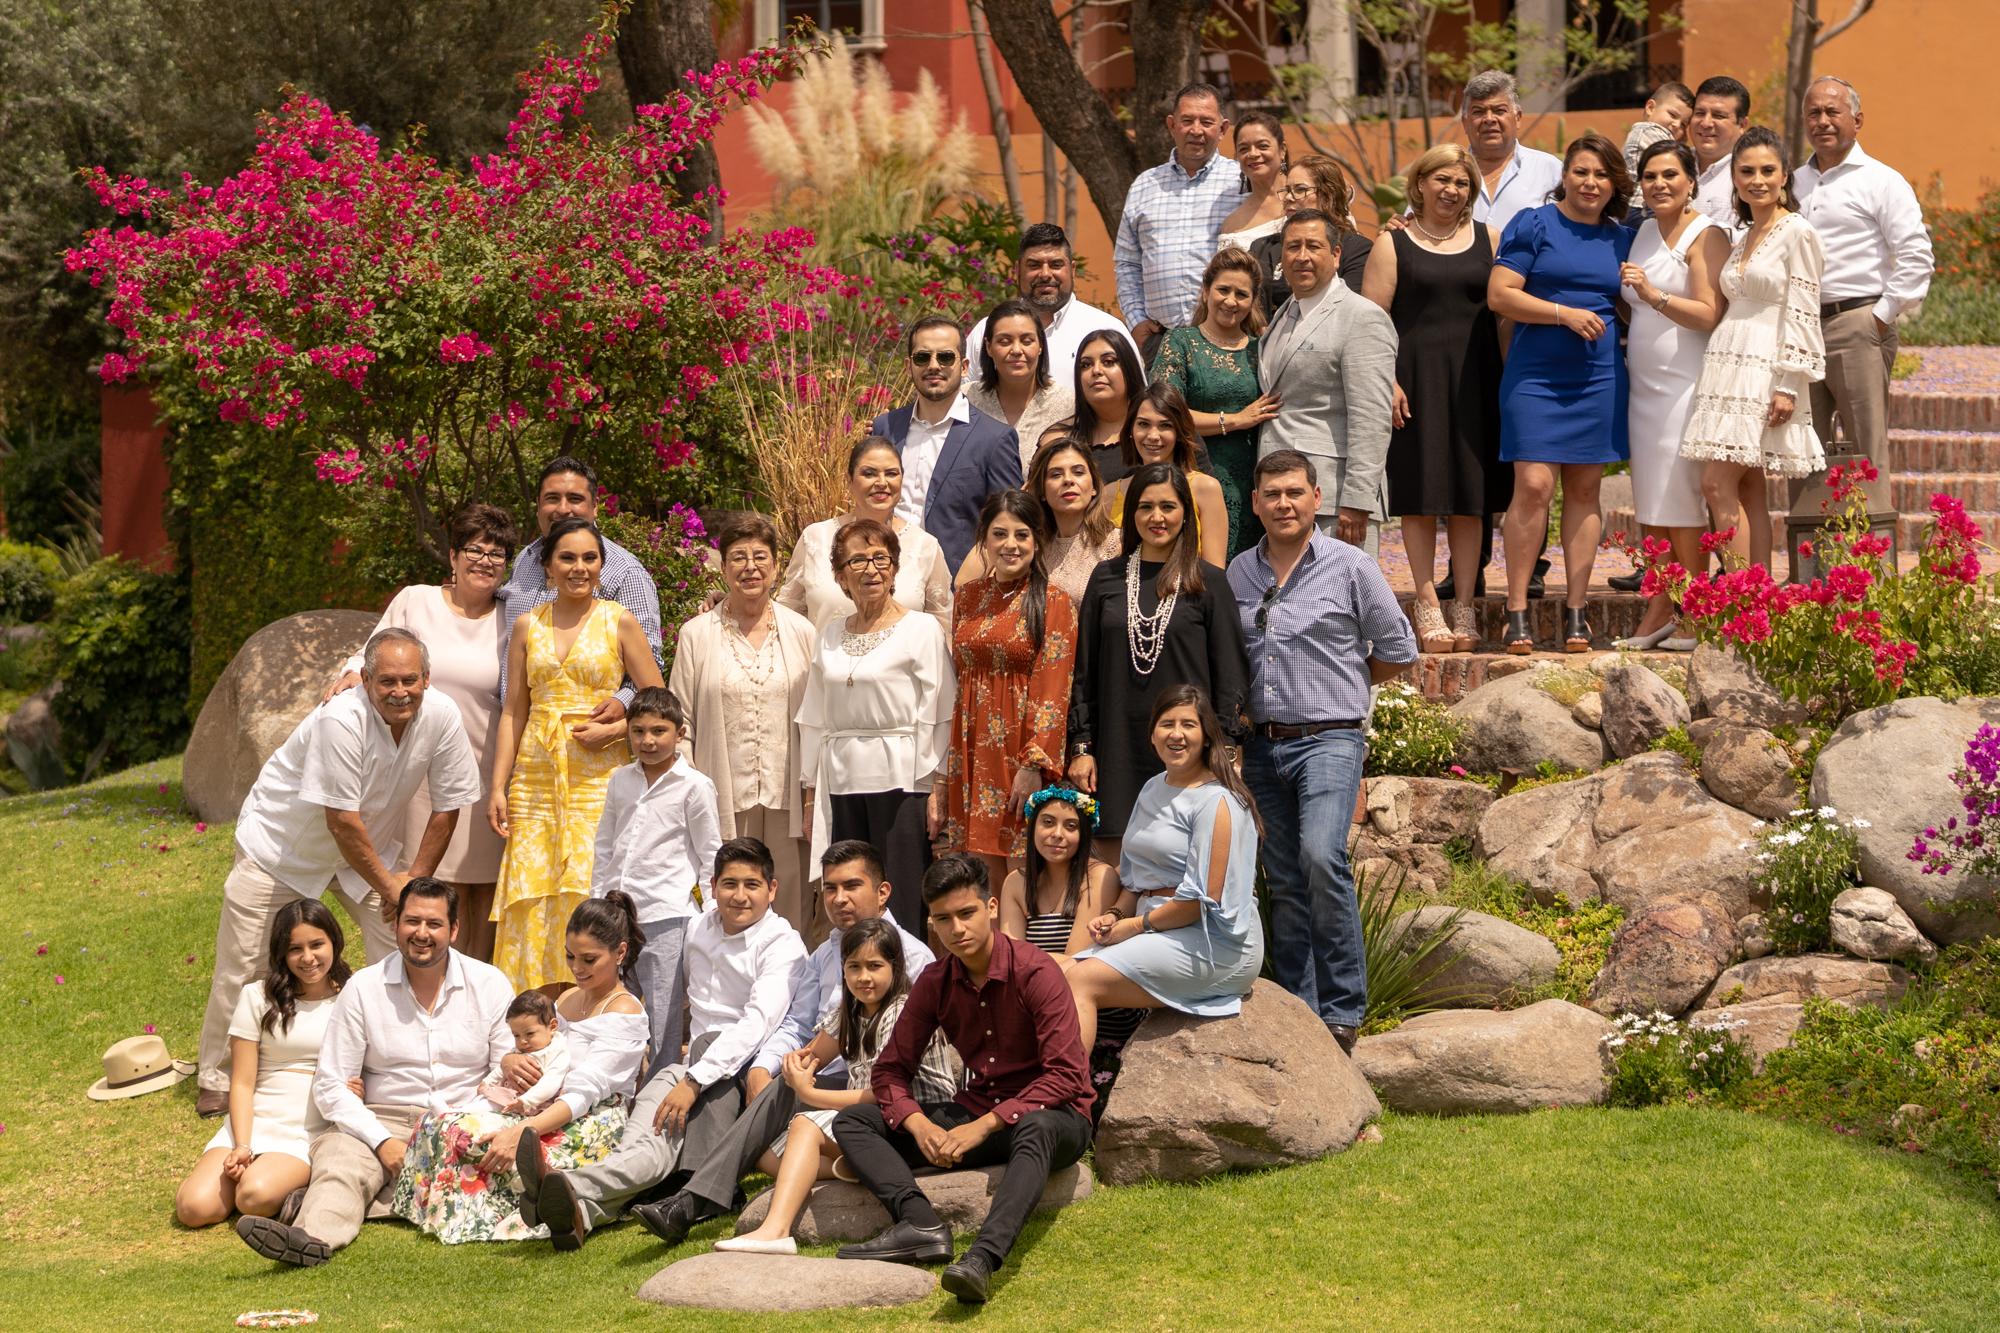 Sesion de Fotos en Rosewood San Migue de Allende del Bautizo de Alfonso-157.jpg